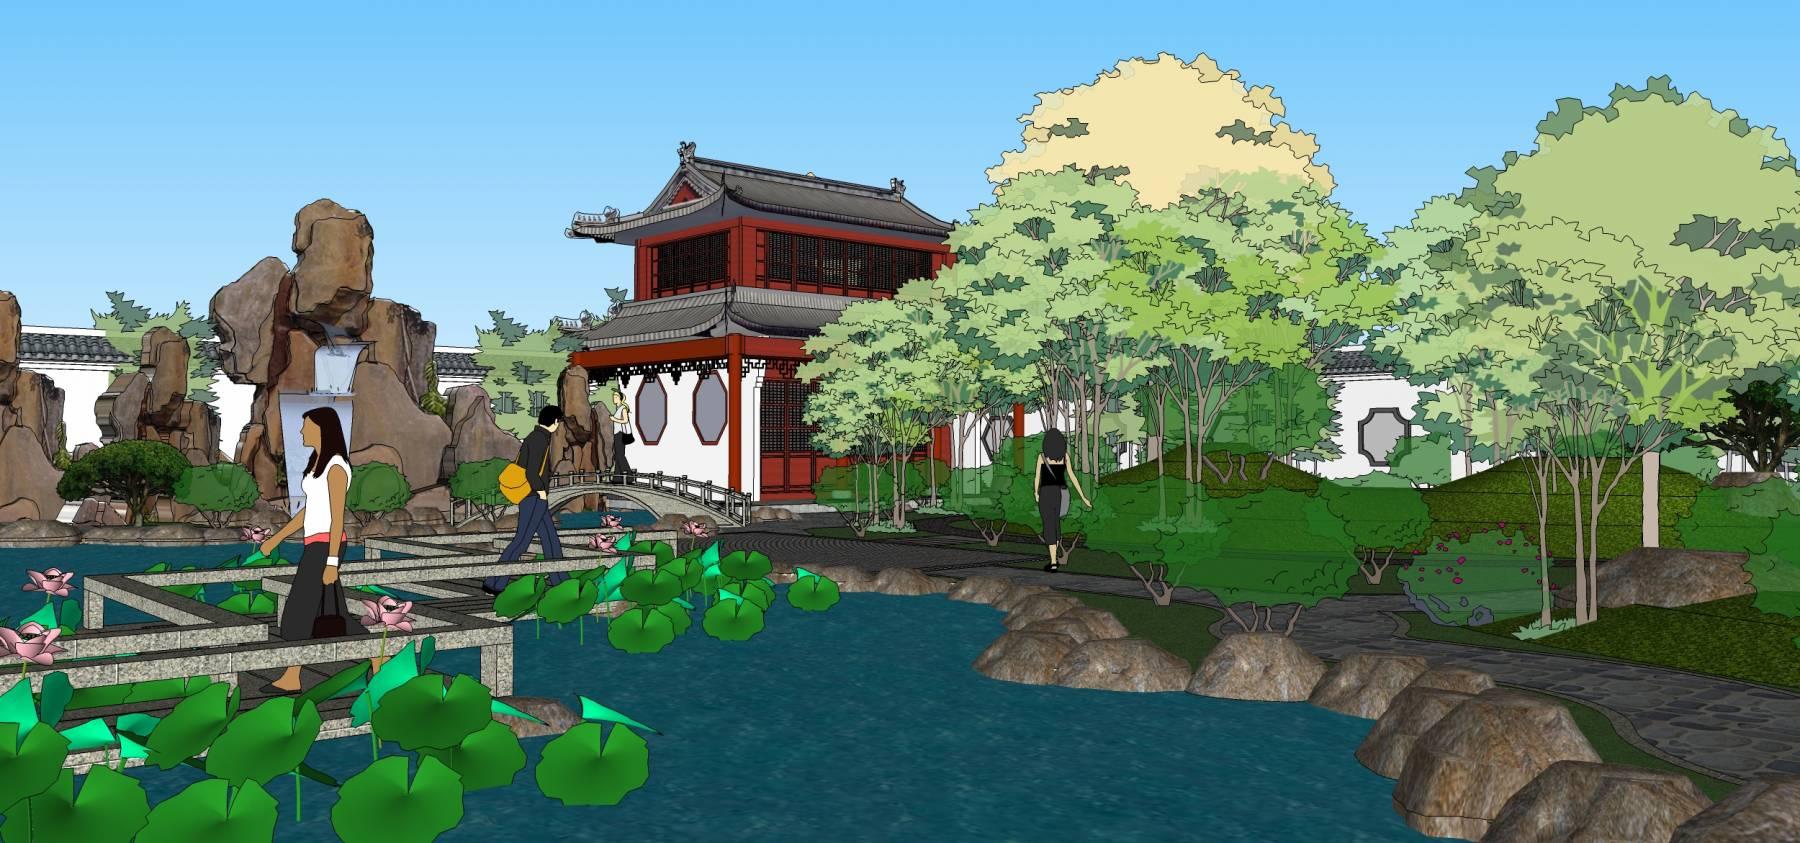 中式园林景观